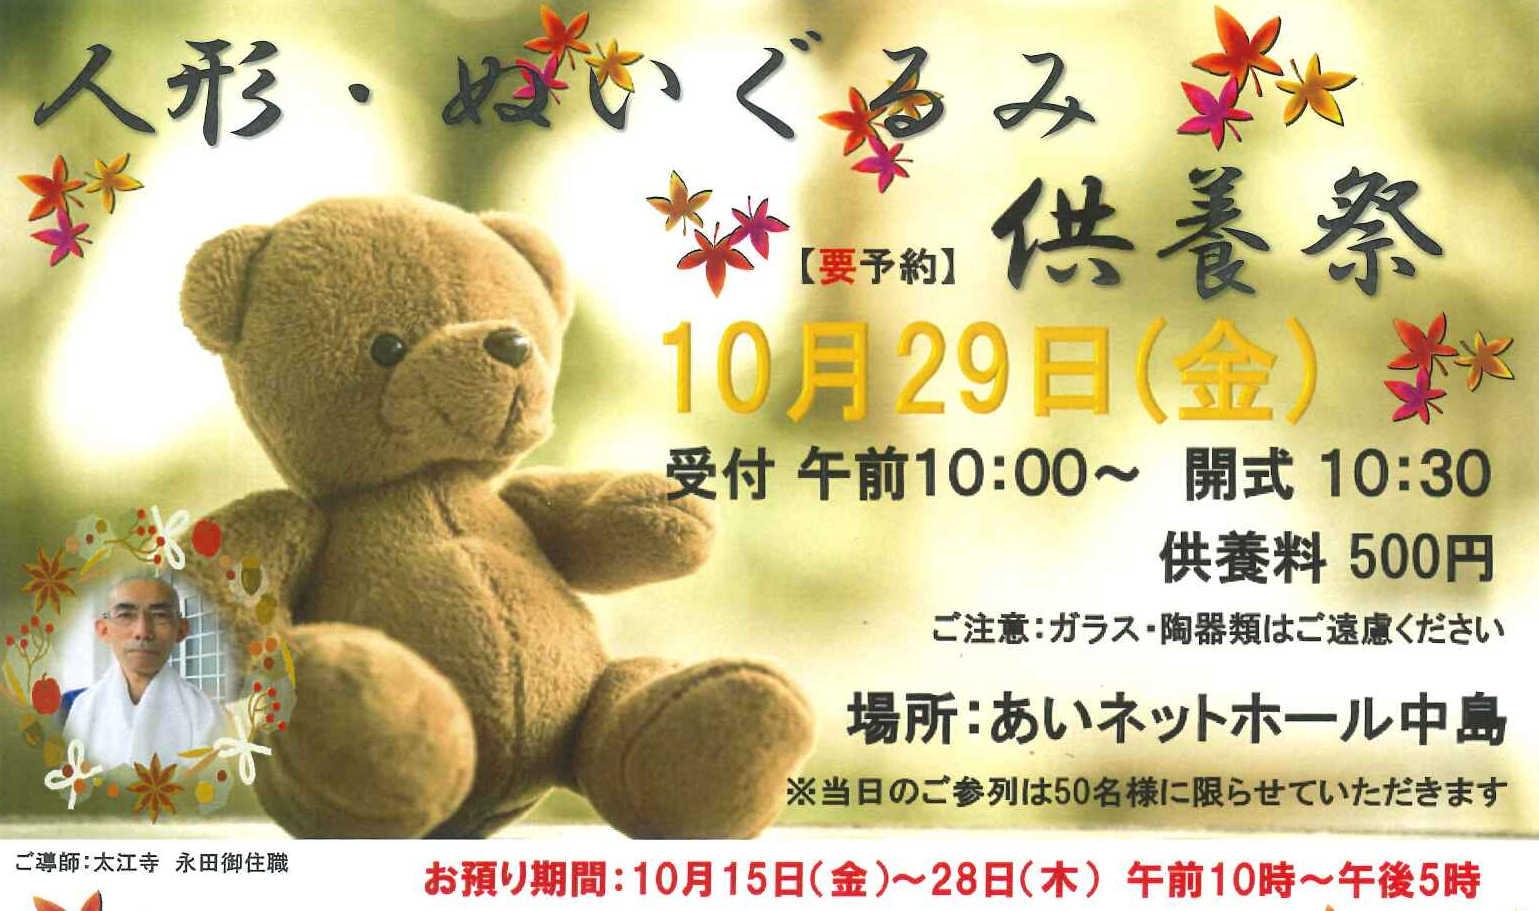 10/29(金)  人形供養祭のご案内